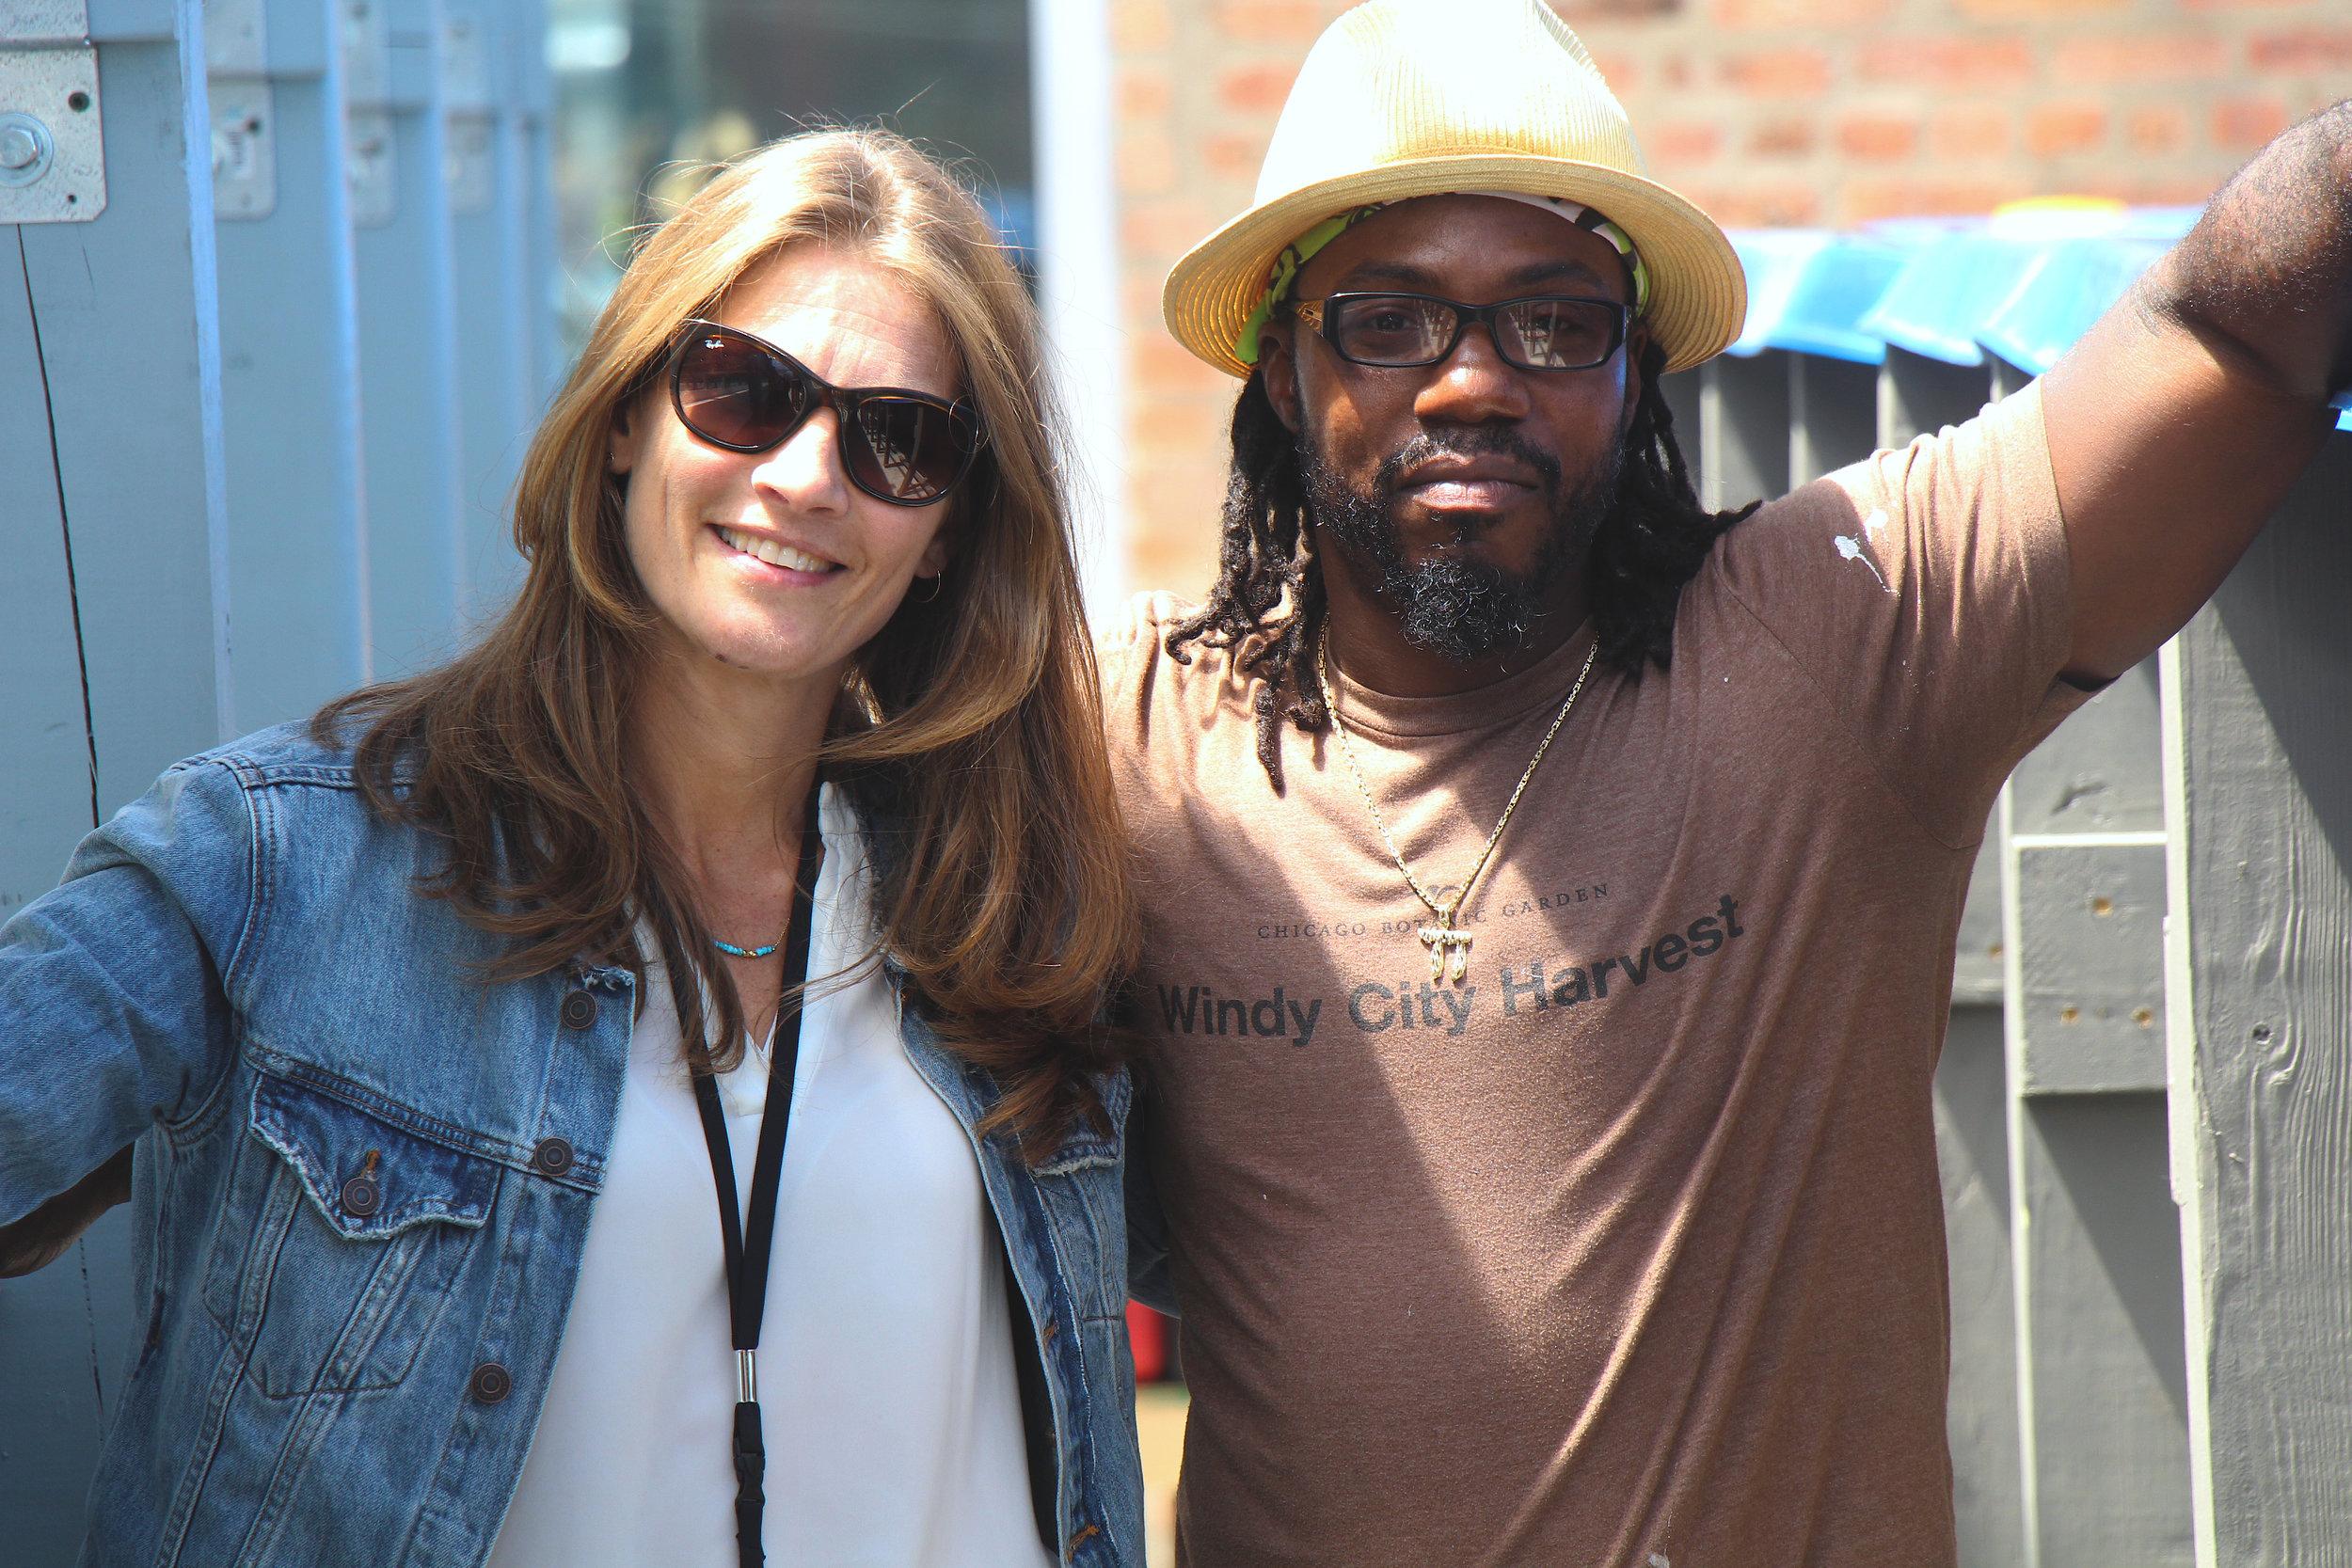 Urban Farms Youth Director Eliza Fournier(Left) with Dawvid Chayim(right)